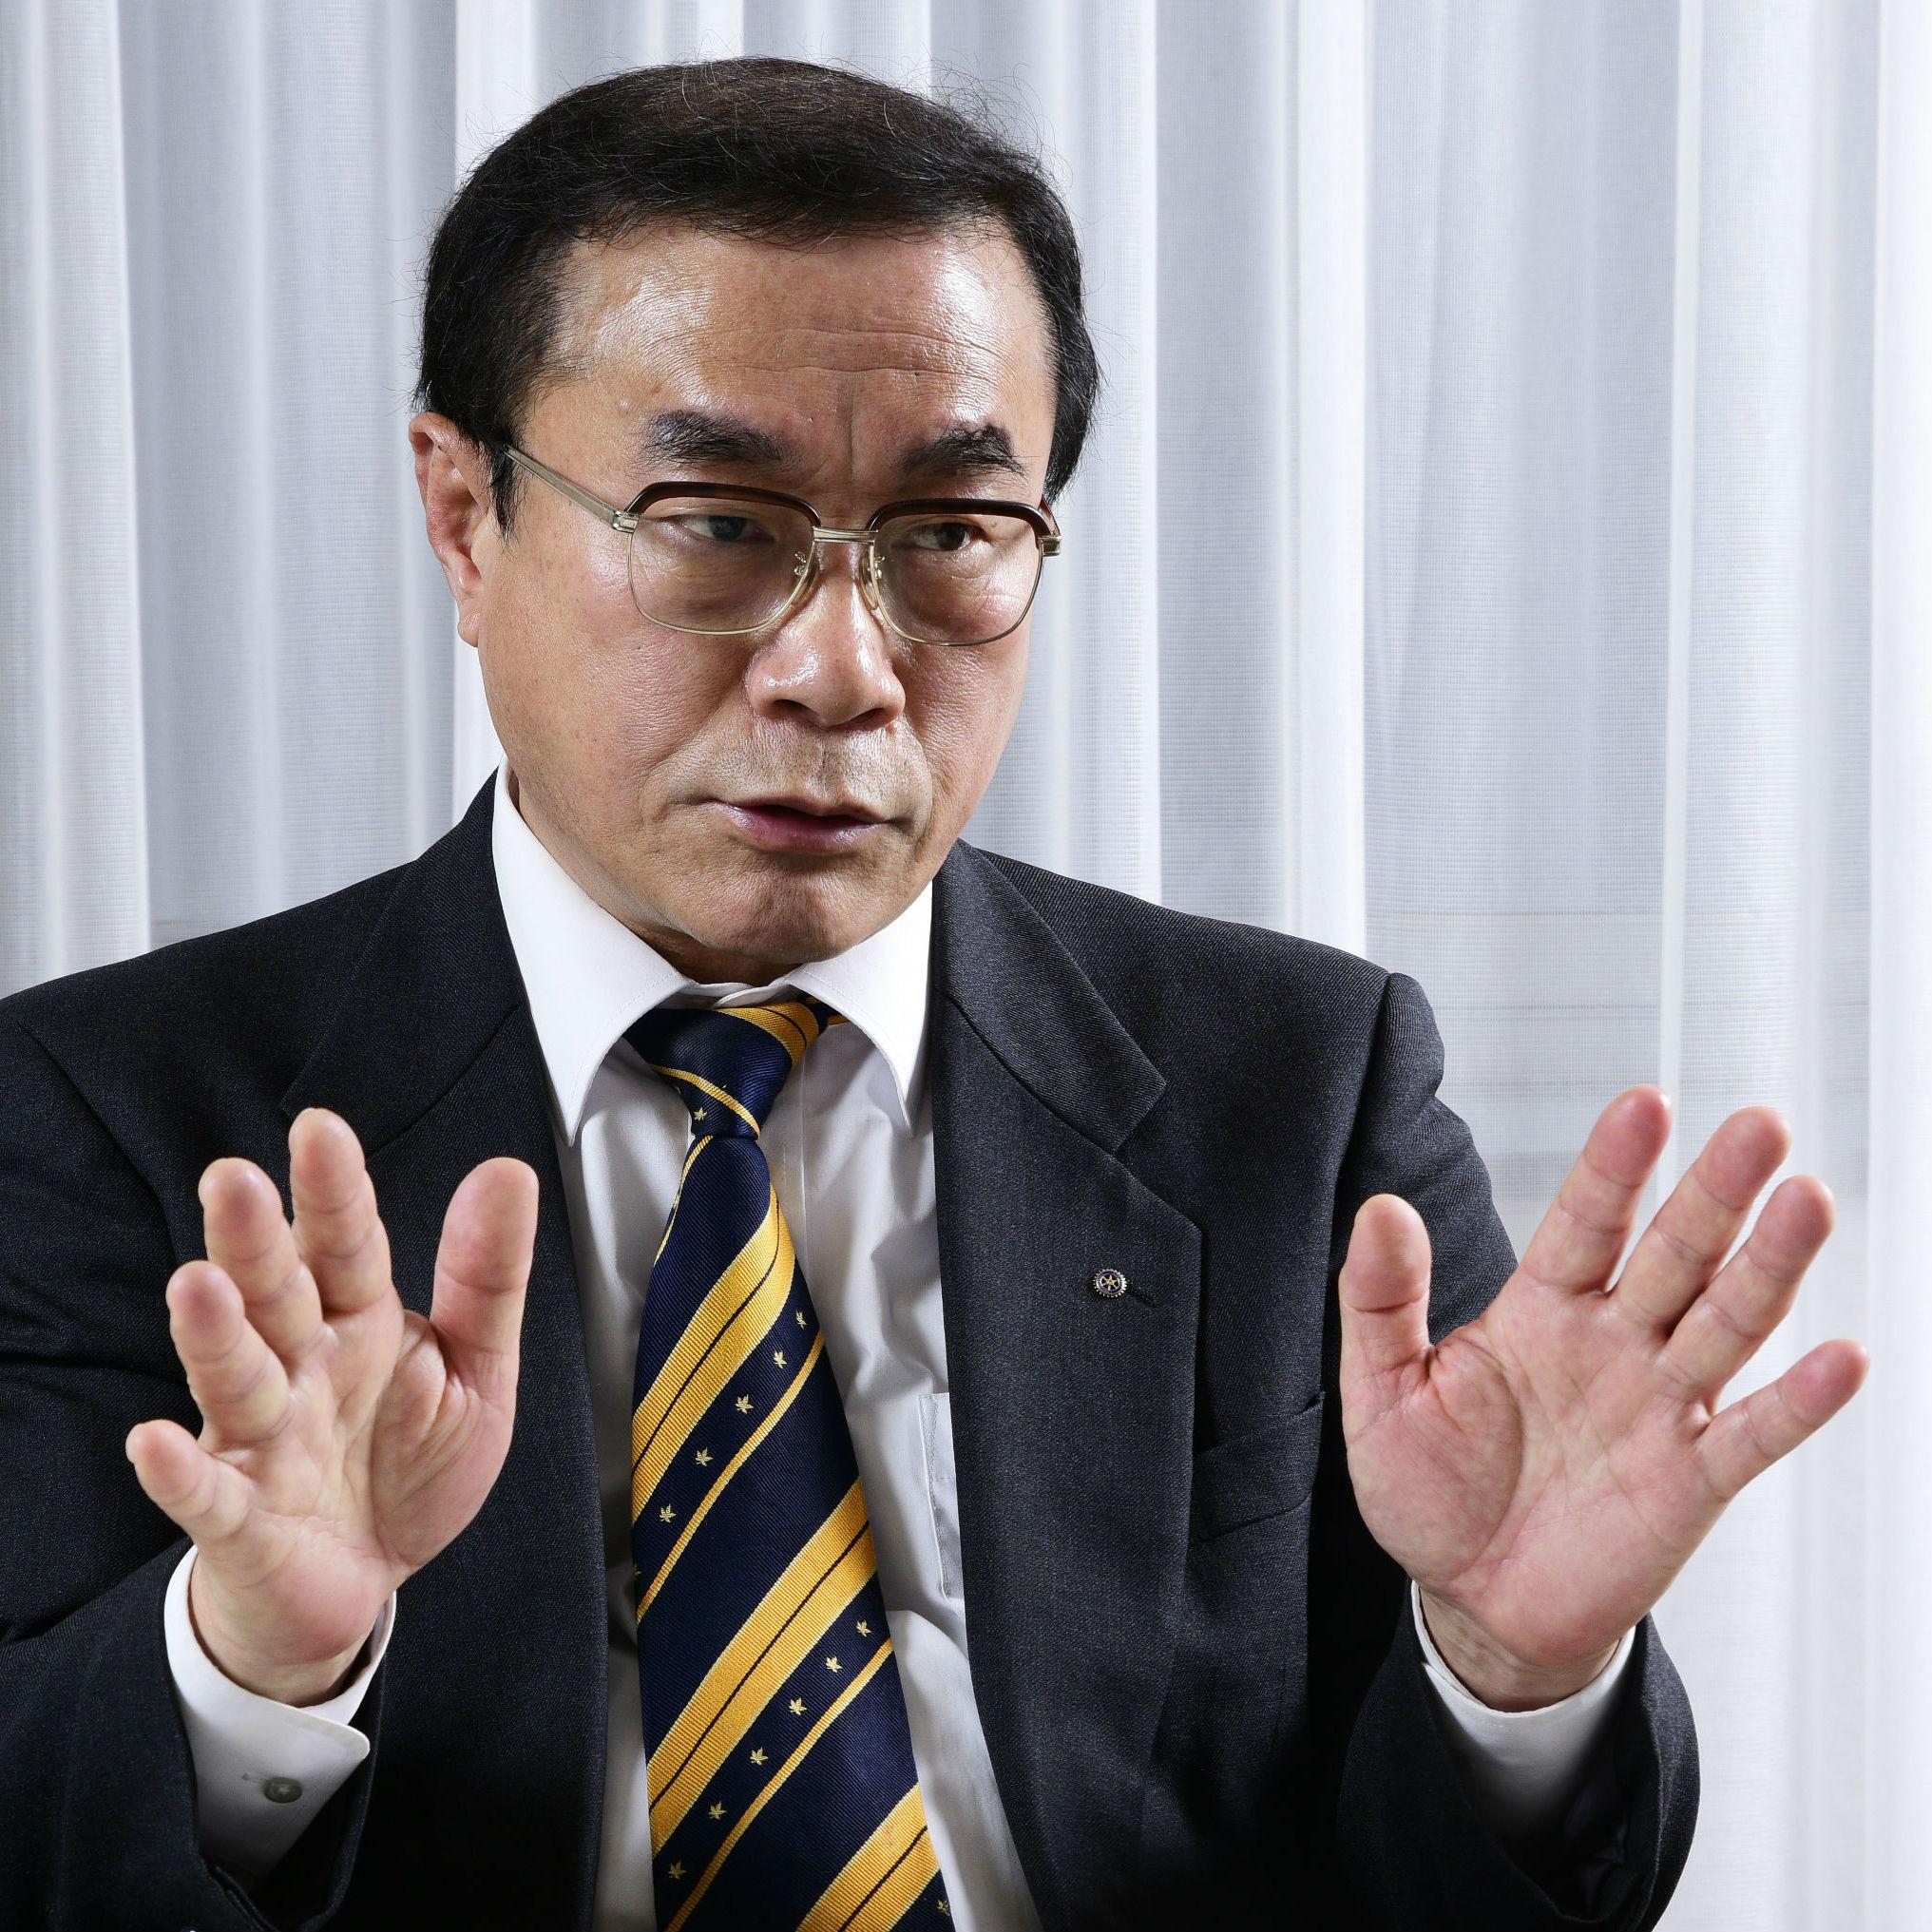 朝鮮半島の緊張感が高まった今こそ、日韓の友好関係を深めるべき